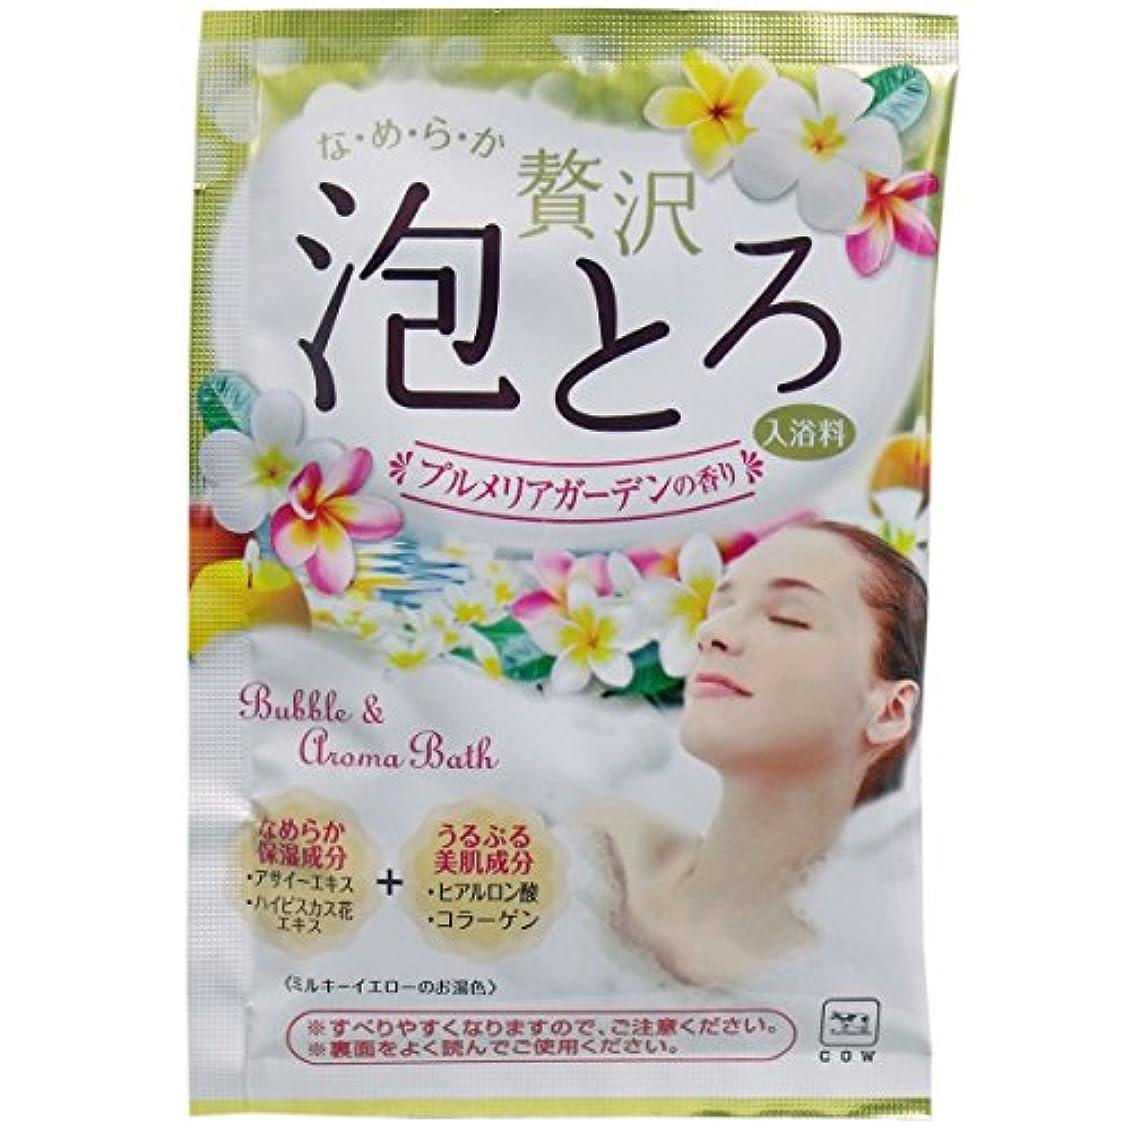 冷淡な自伝放置牛乳石鹸共進社 お湯物語 贅沢泡とろ 入浴料 プルメリアガーデンの香り 30g